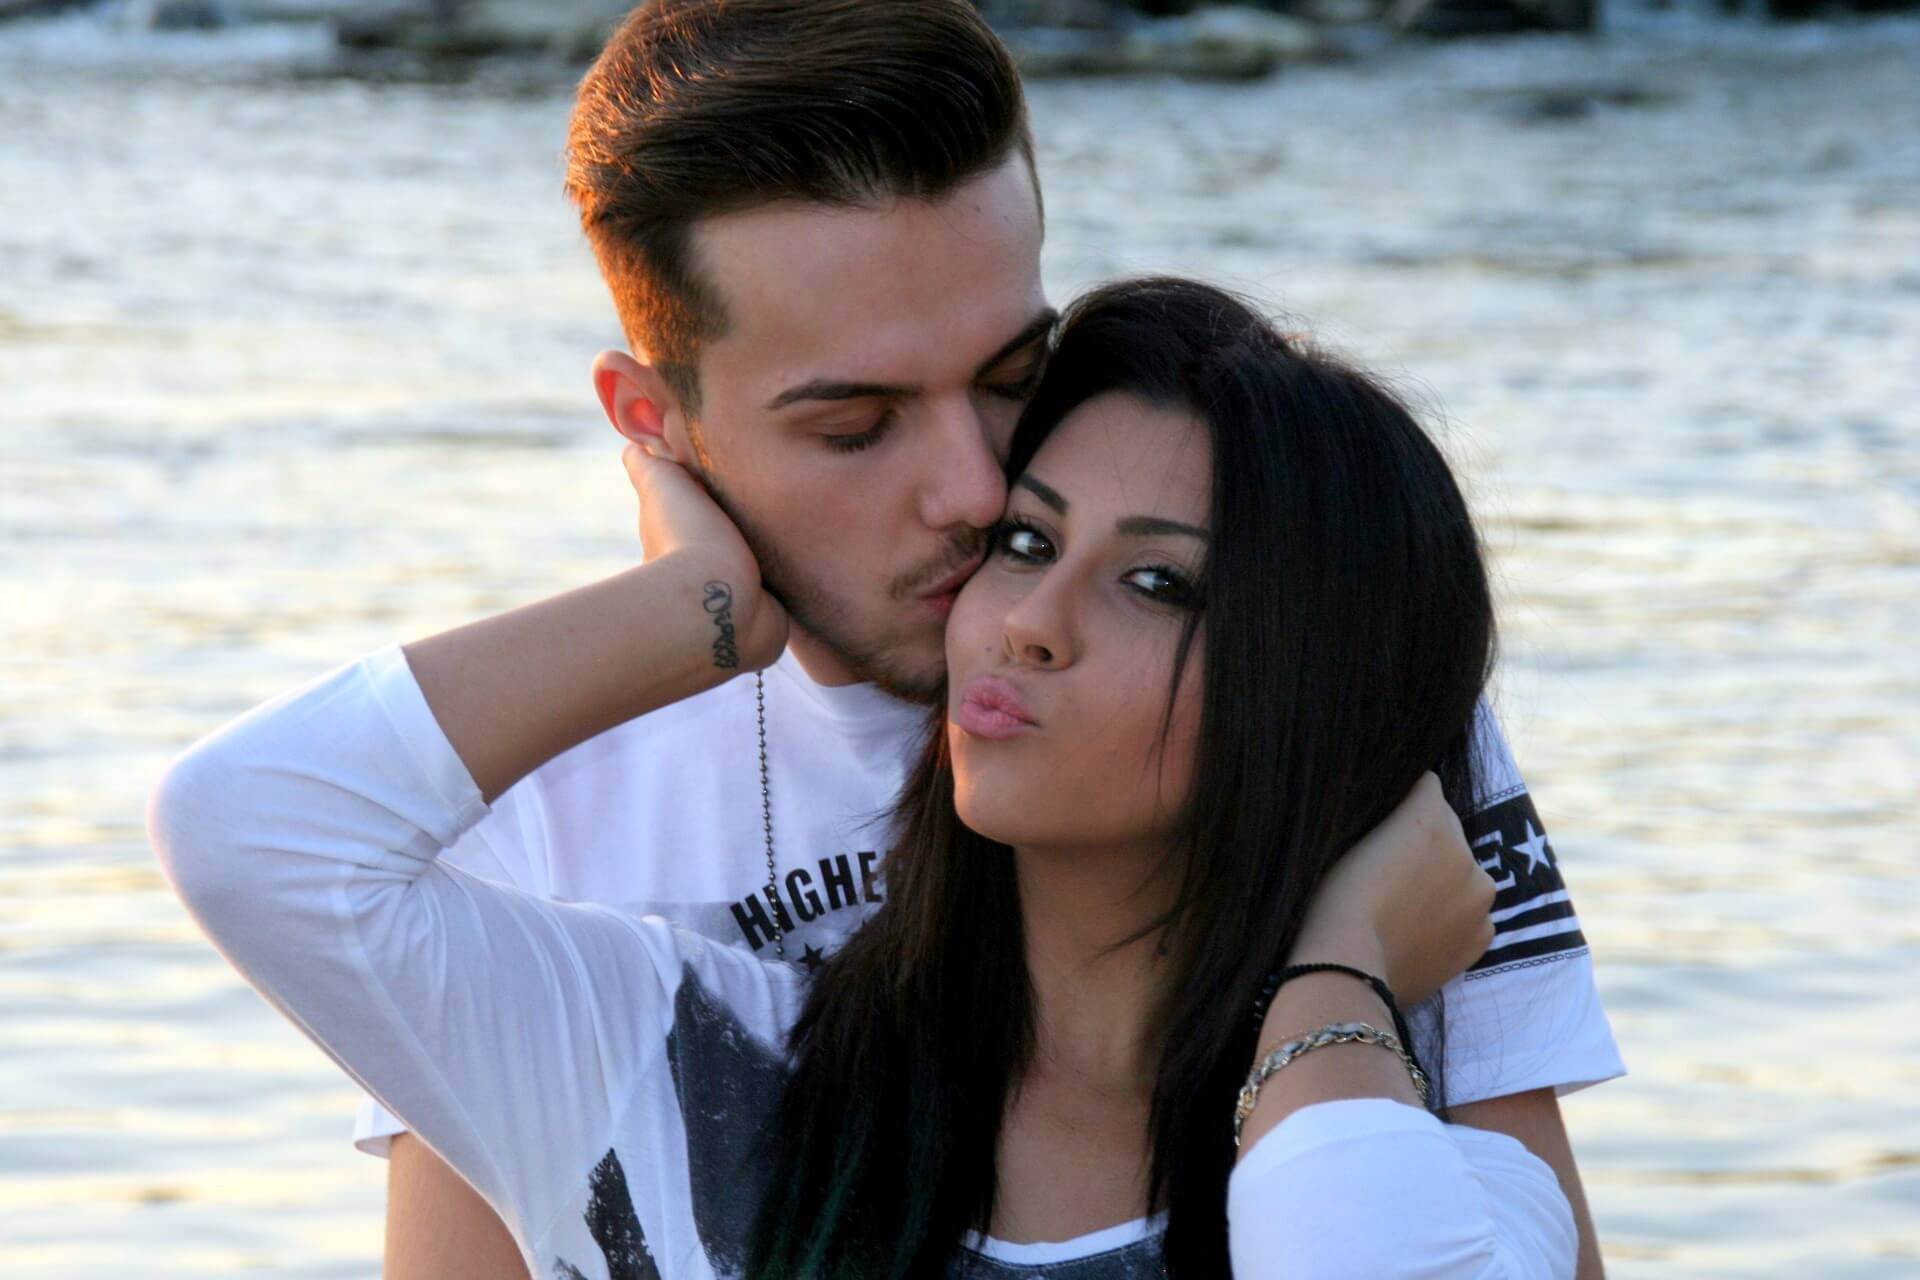 Liebesgedichte – Ich will ganz viel küssen